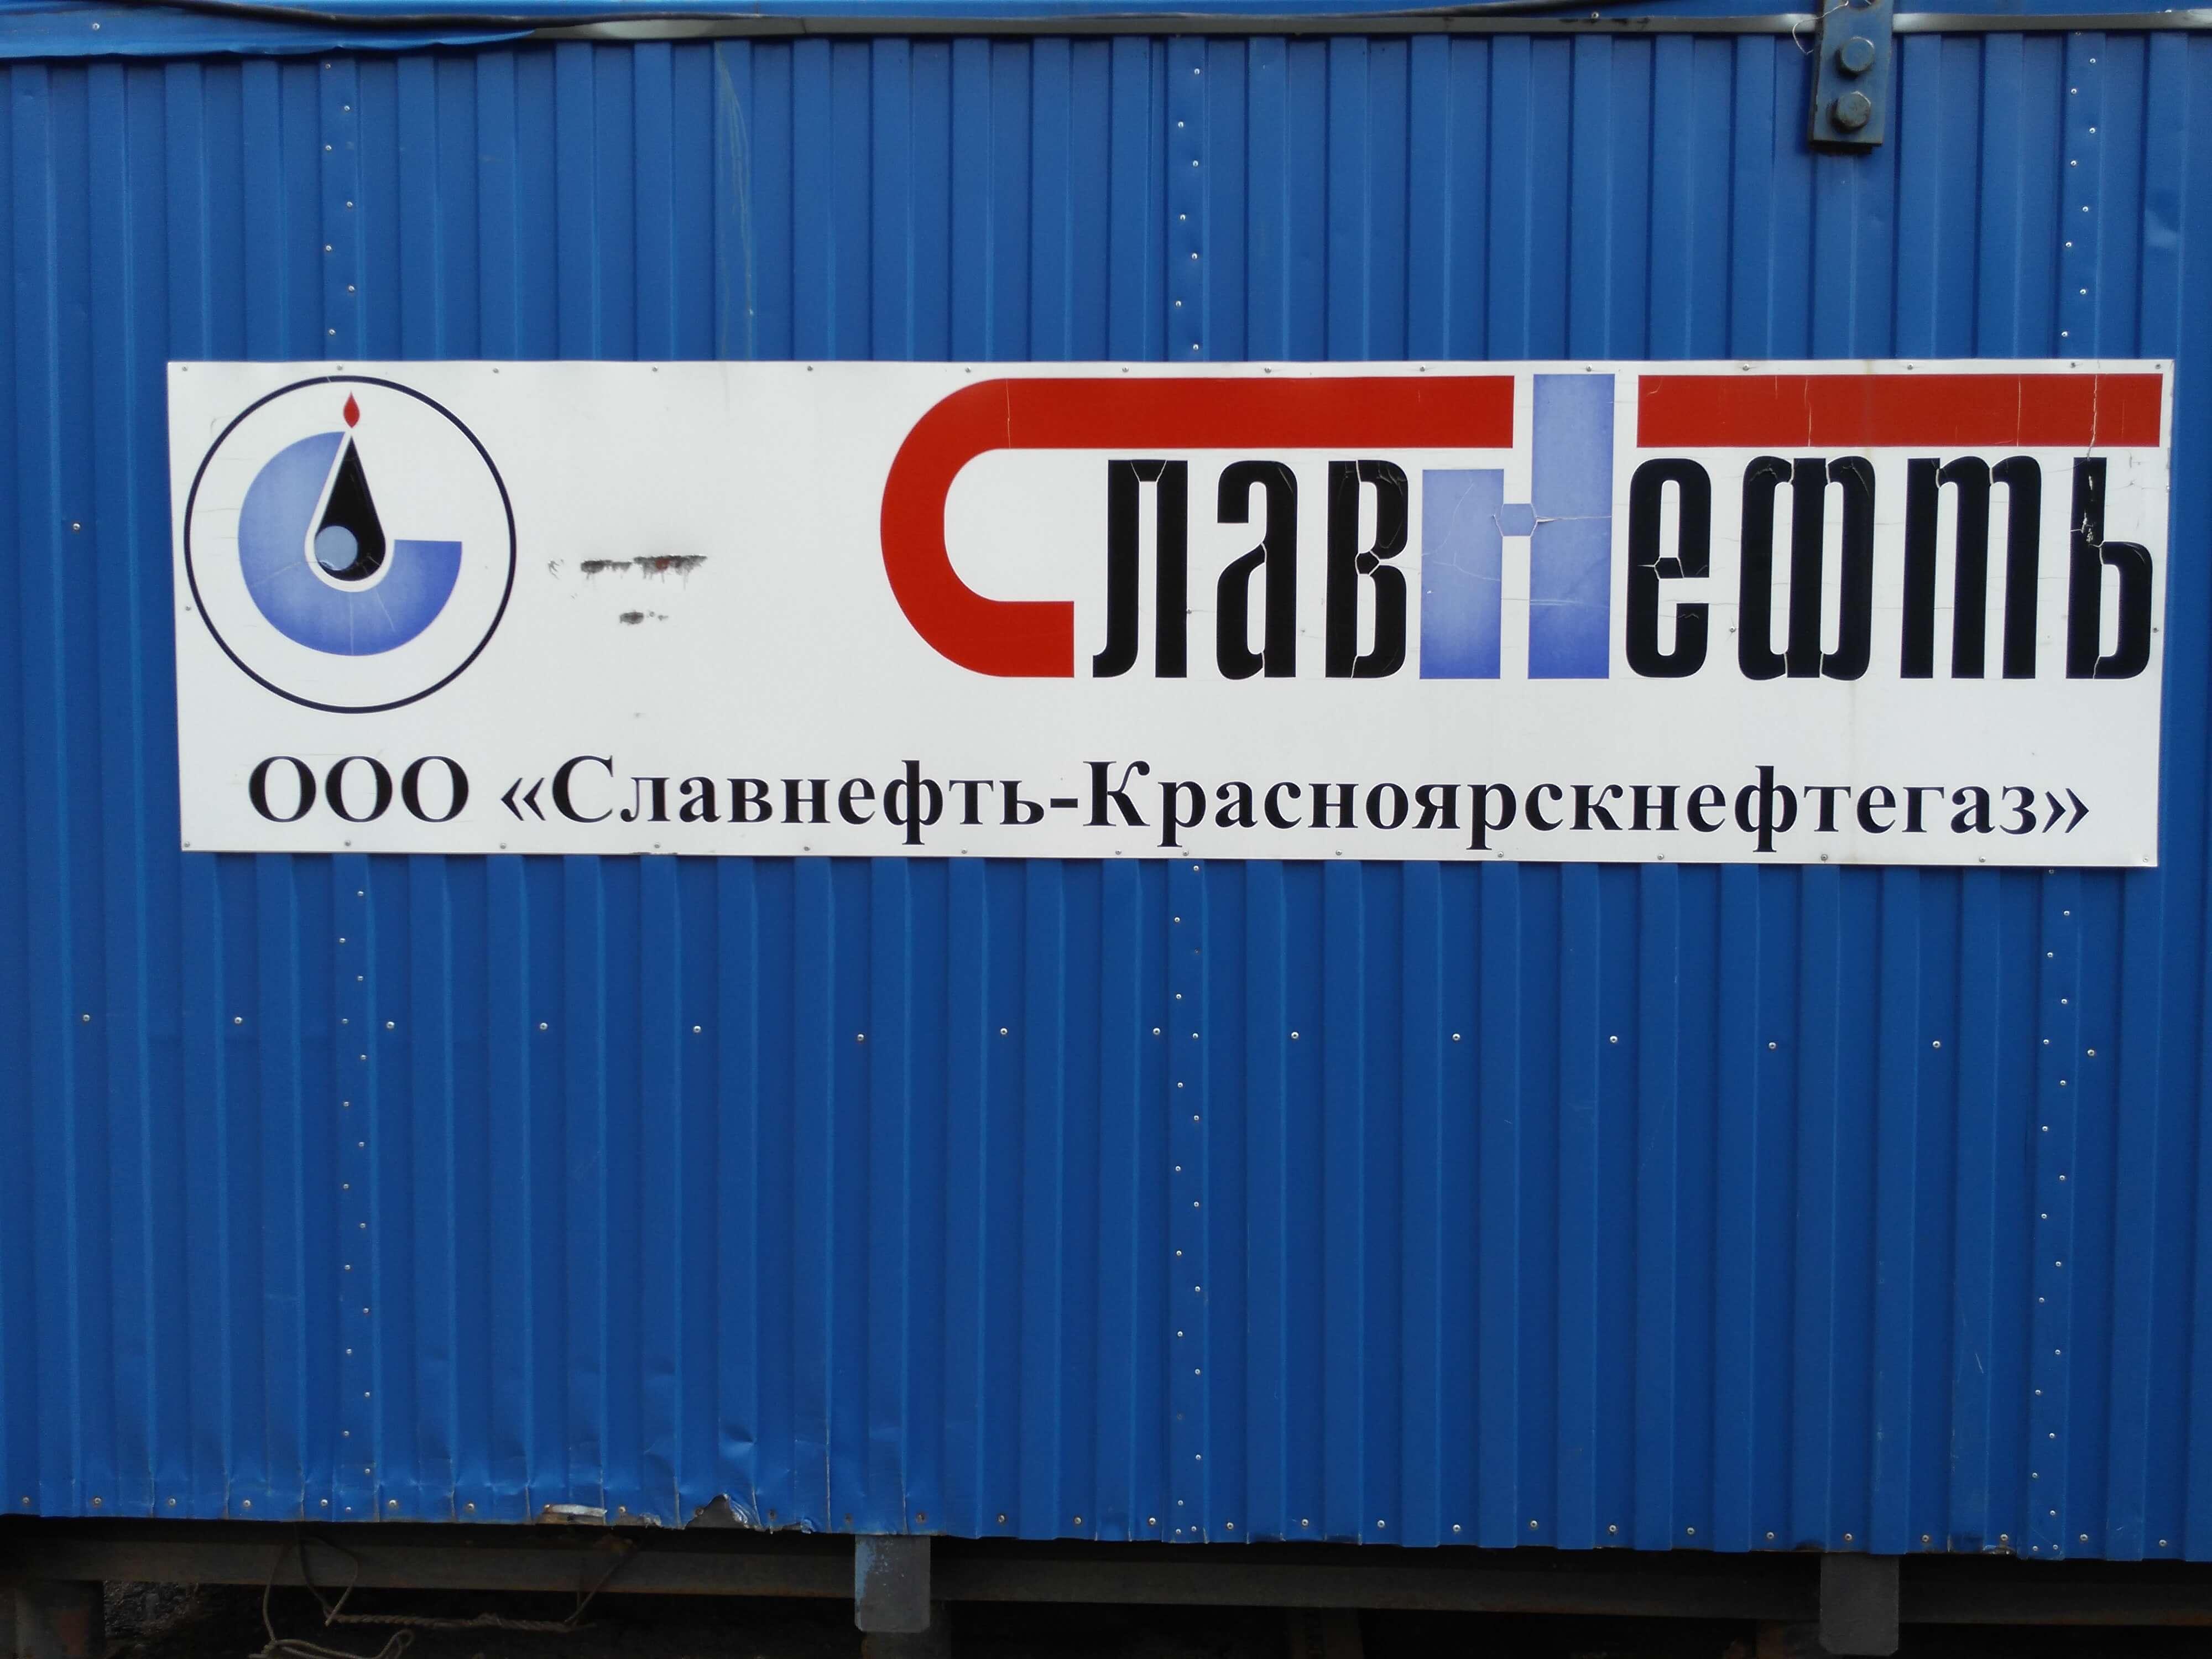 славнефть красноярскнефтегаз